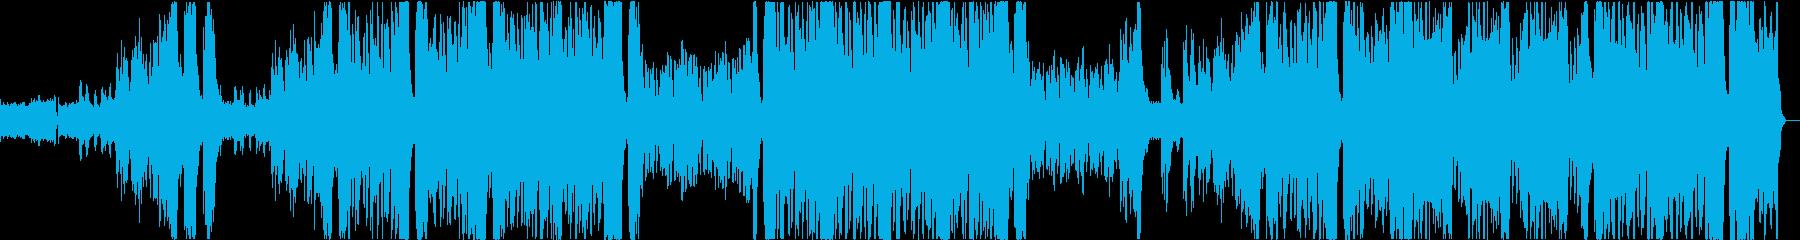 リズミカルな伴奏とゆったりしたホルンの曲の再生済みの波形